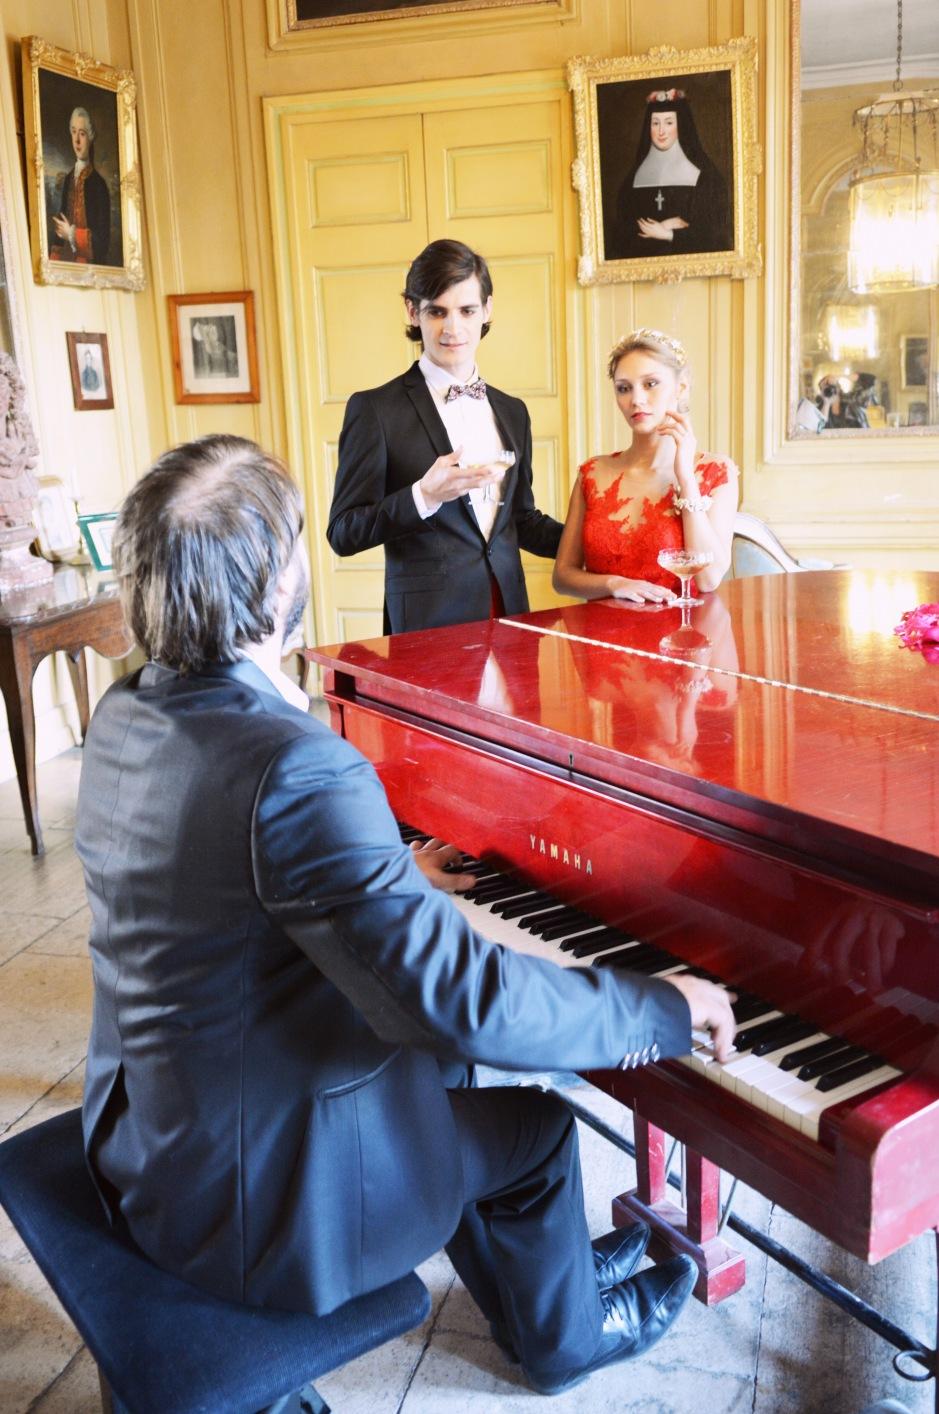 mariage-fiancailles-st-valentin-chateau-de-la-mogere-25